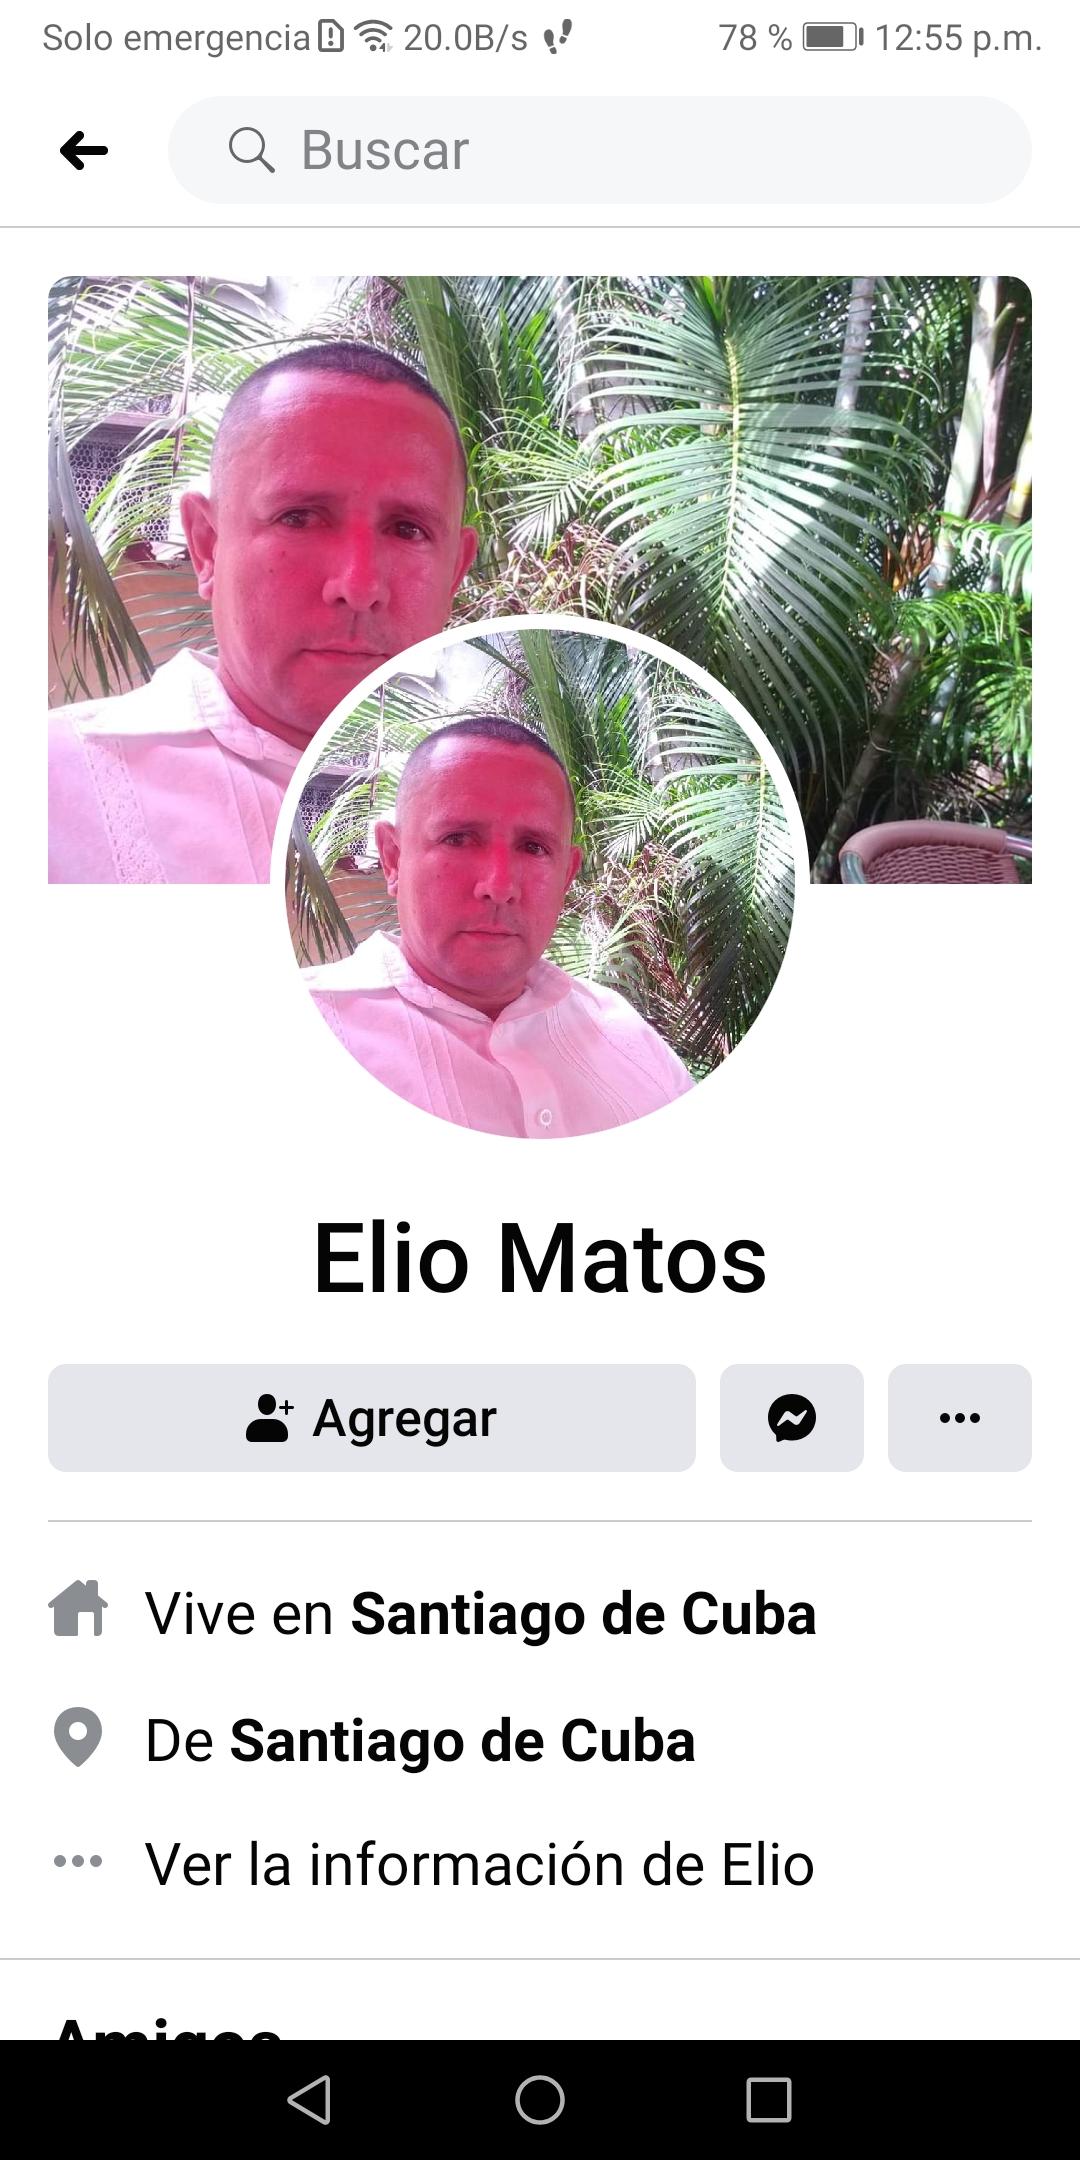 Elio Matos